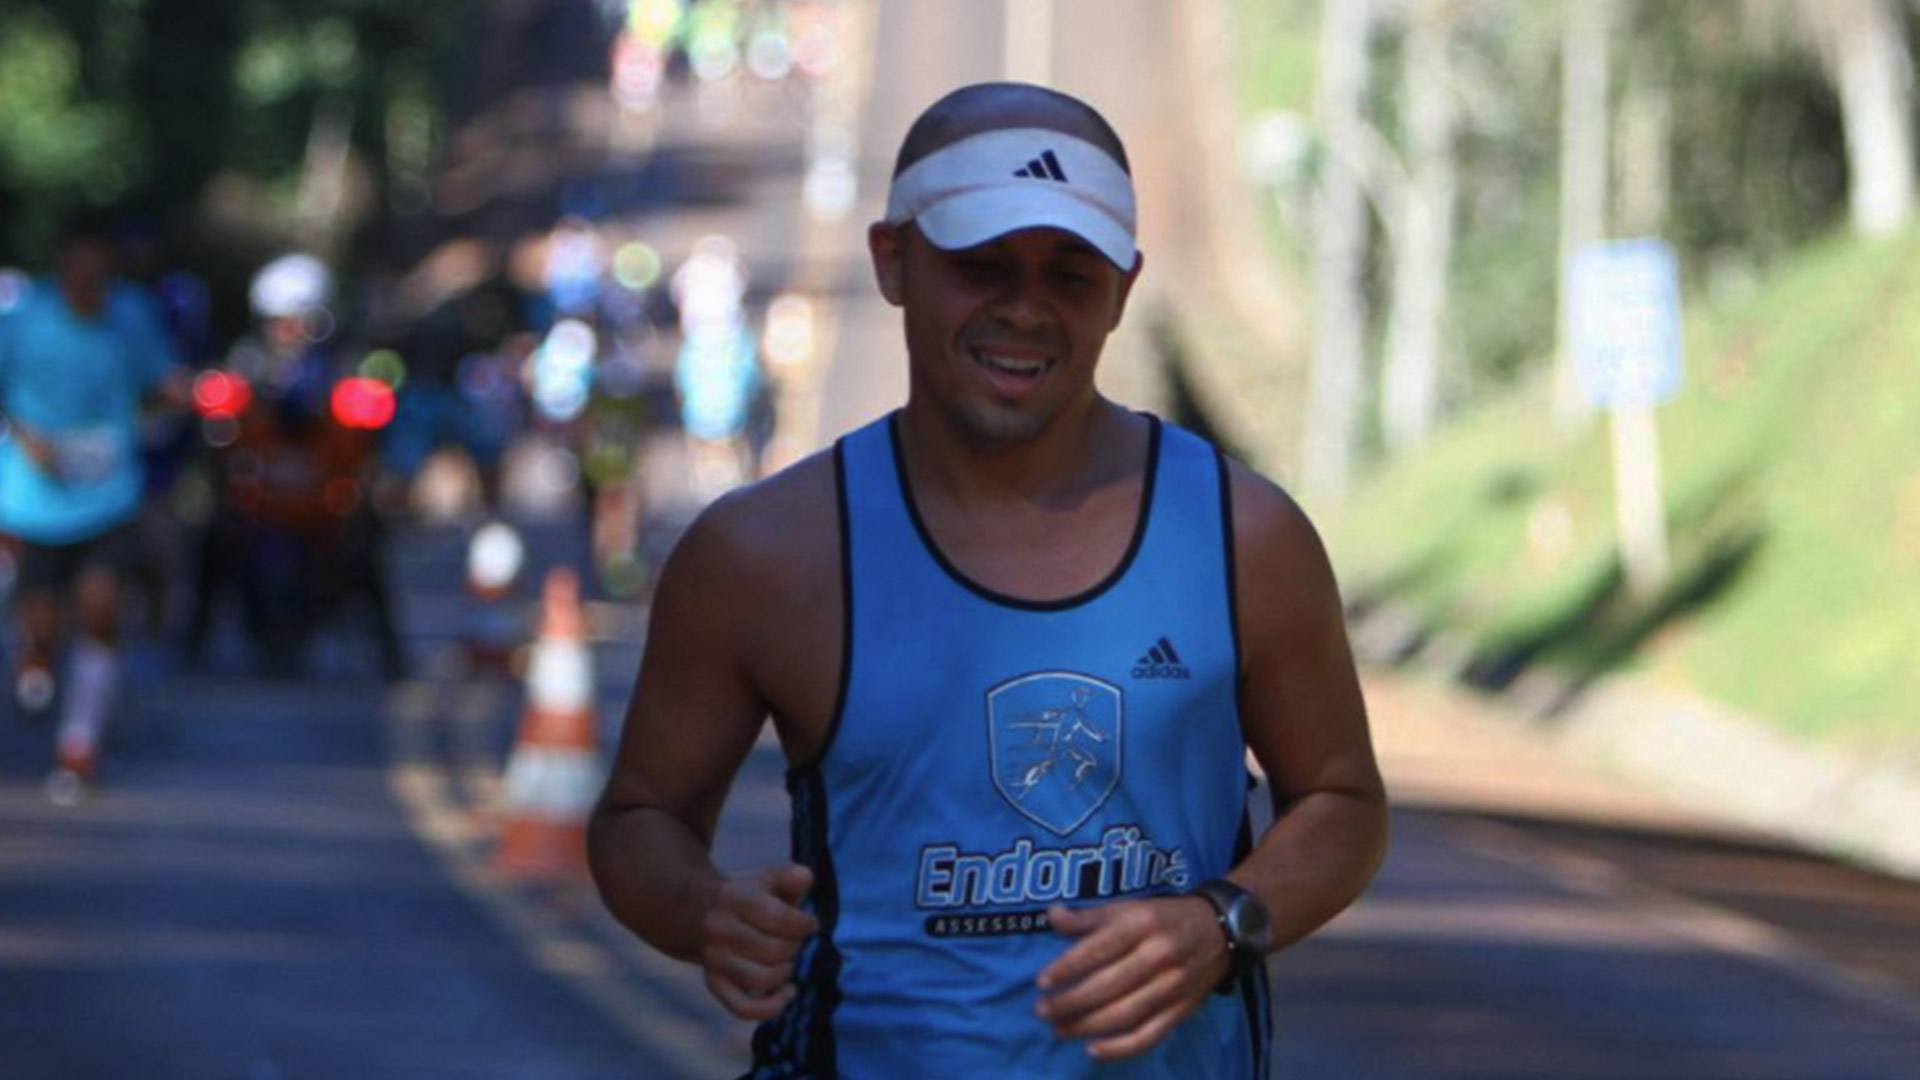 Meia maratona de Cataratas